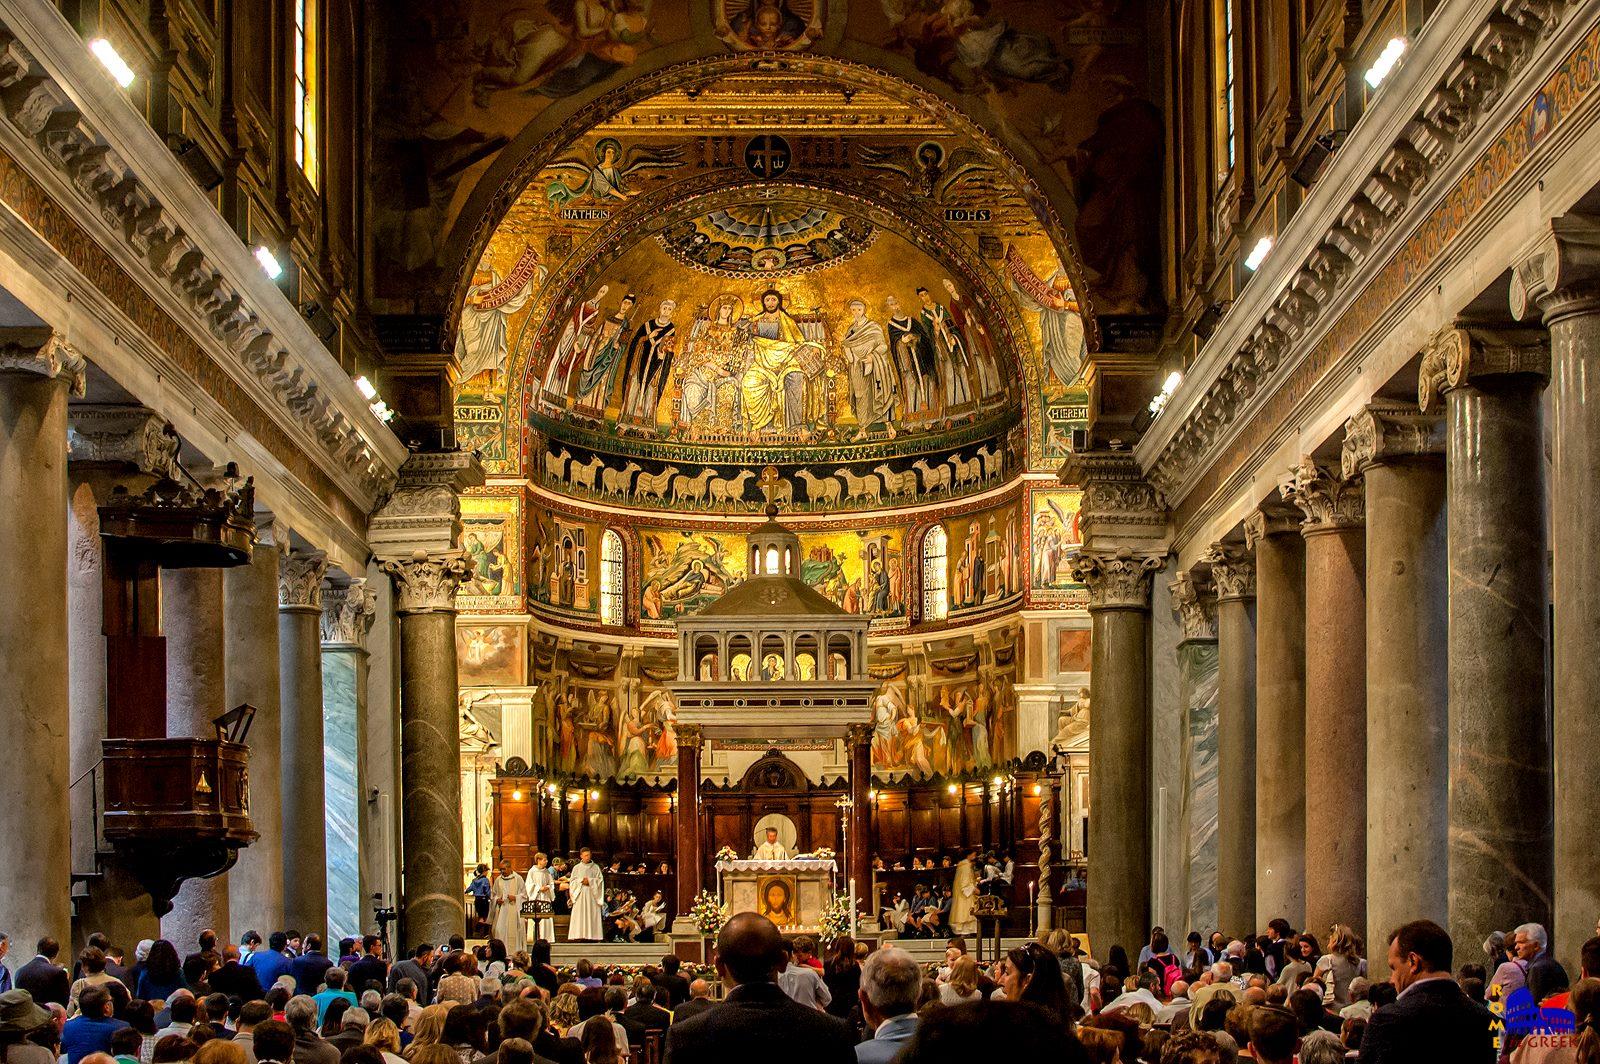 Τα υπέροχα ψηφιδωτά στην Santa Maria in Trastevere του 12ου και 13ου αιώνα. Αριστερά και δεξιά βλέπουμε μερικούς από τους 22 κίονες με τα κιονόκρανα ιωνικού και κορινθιακού ρυθμού. Είναι διαφορετικοί μεταξύ τους και όλοι προέρχονται μάλλον από τα Λουτρά του Καρακάλλα.